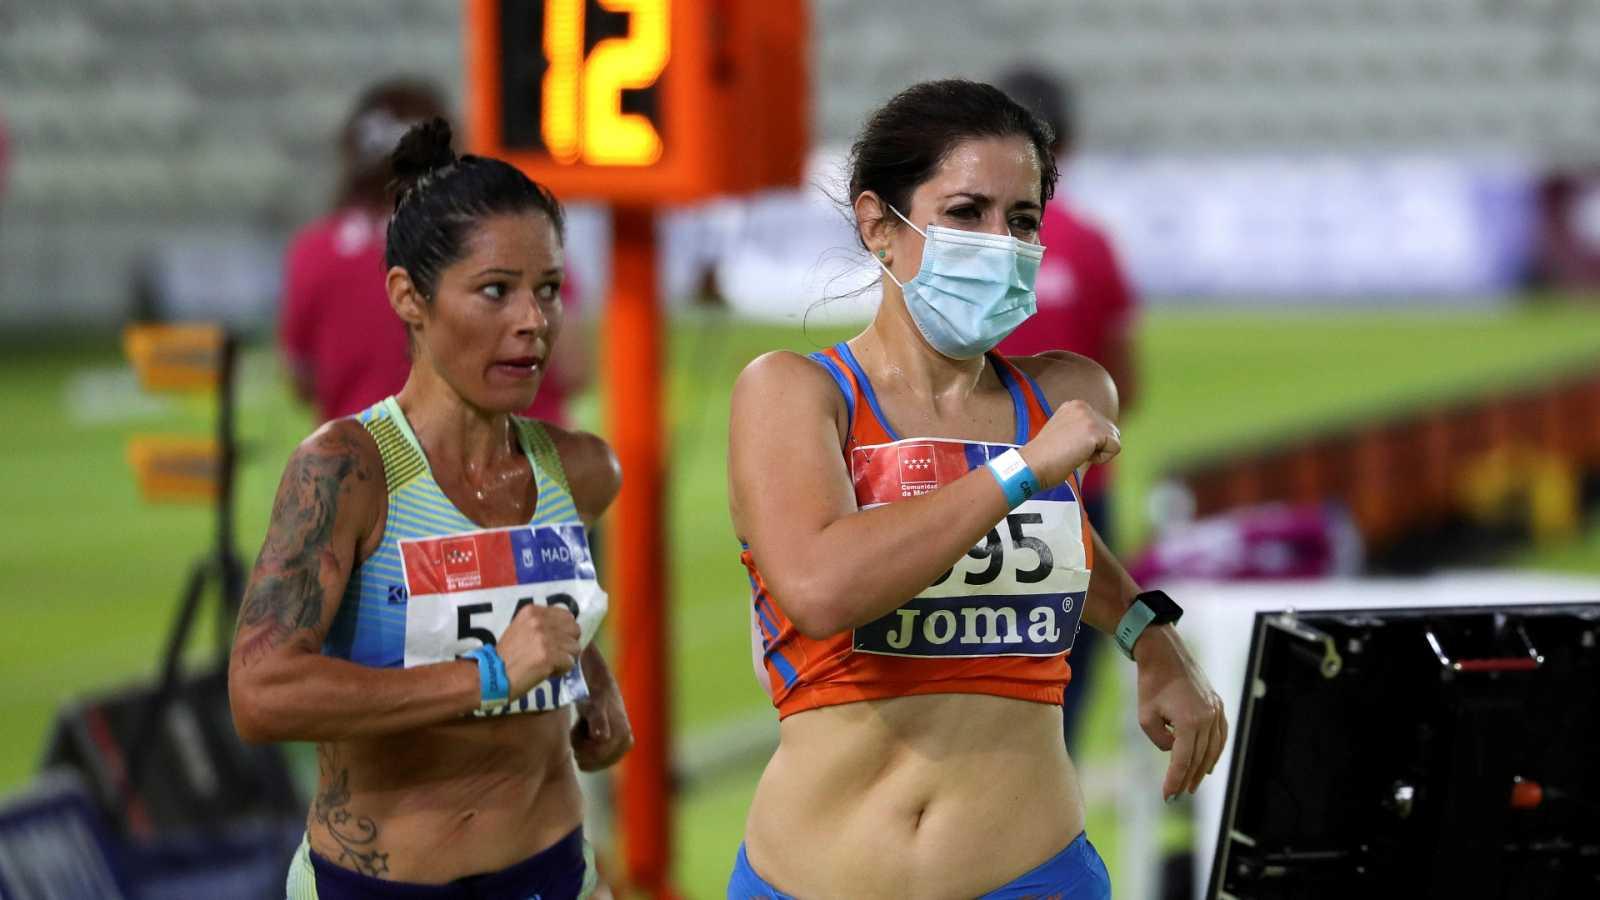 Atletismo - Campeonato de España Absoluto, desde Madrid - ver ahora